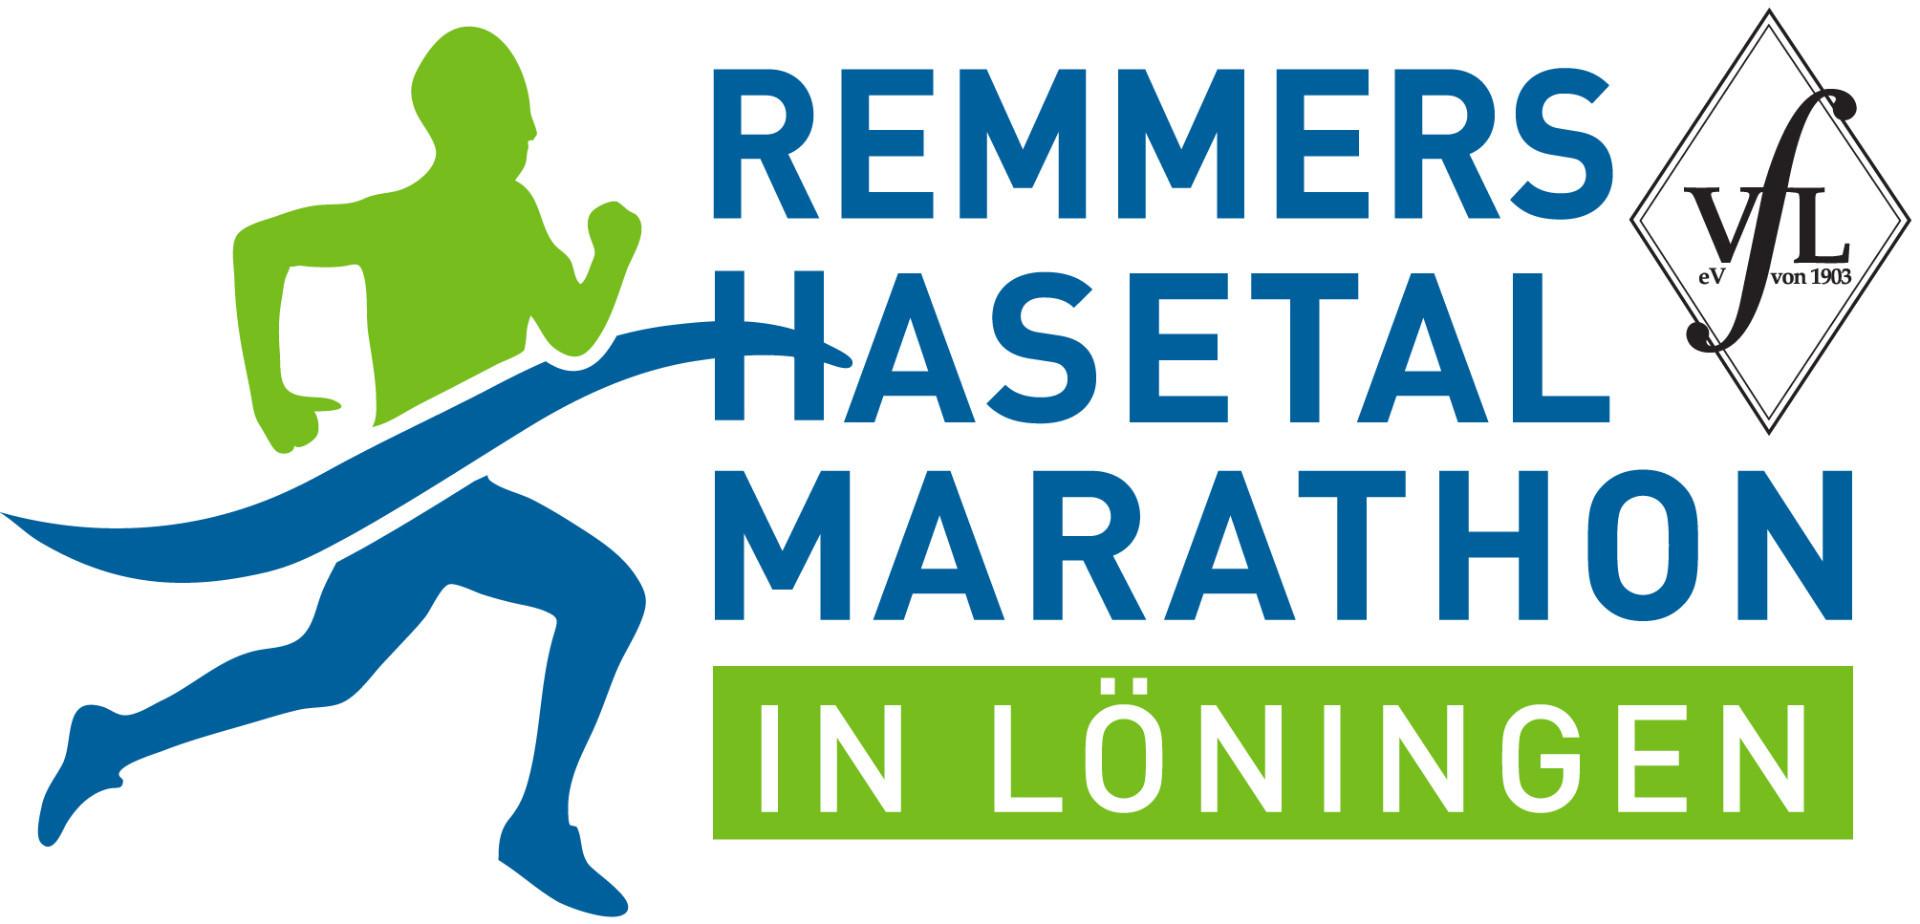 remmers hasetal marathon logo mit loeningen